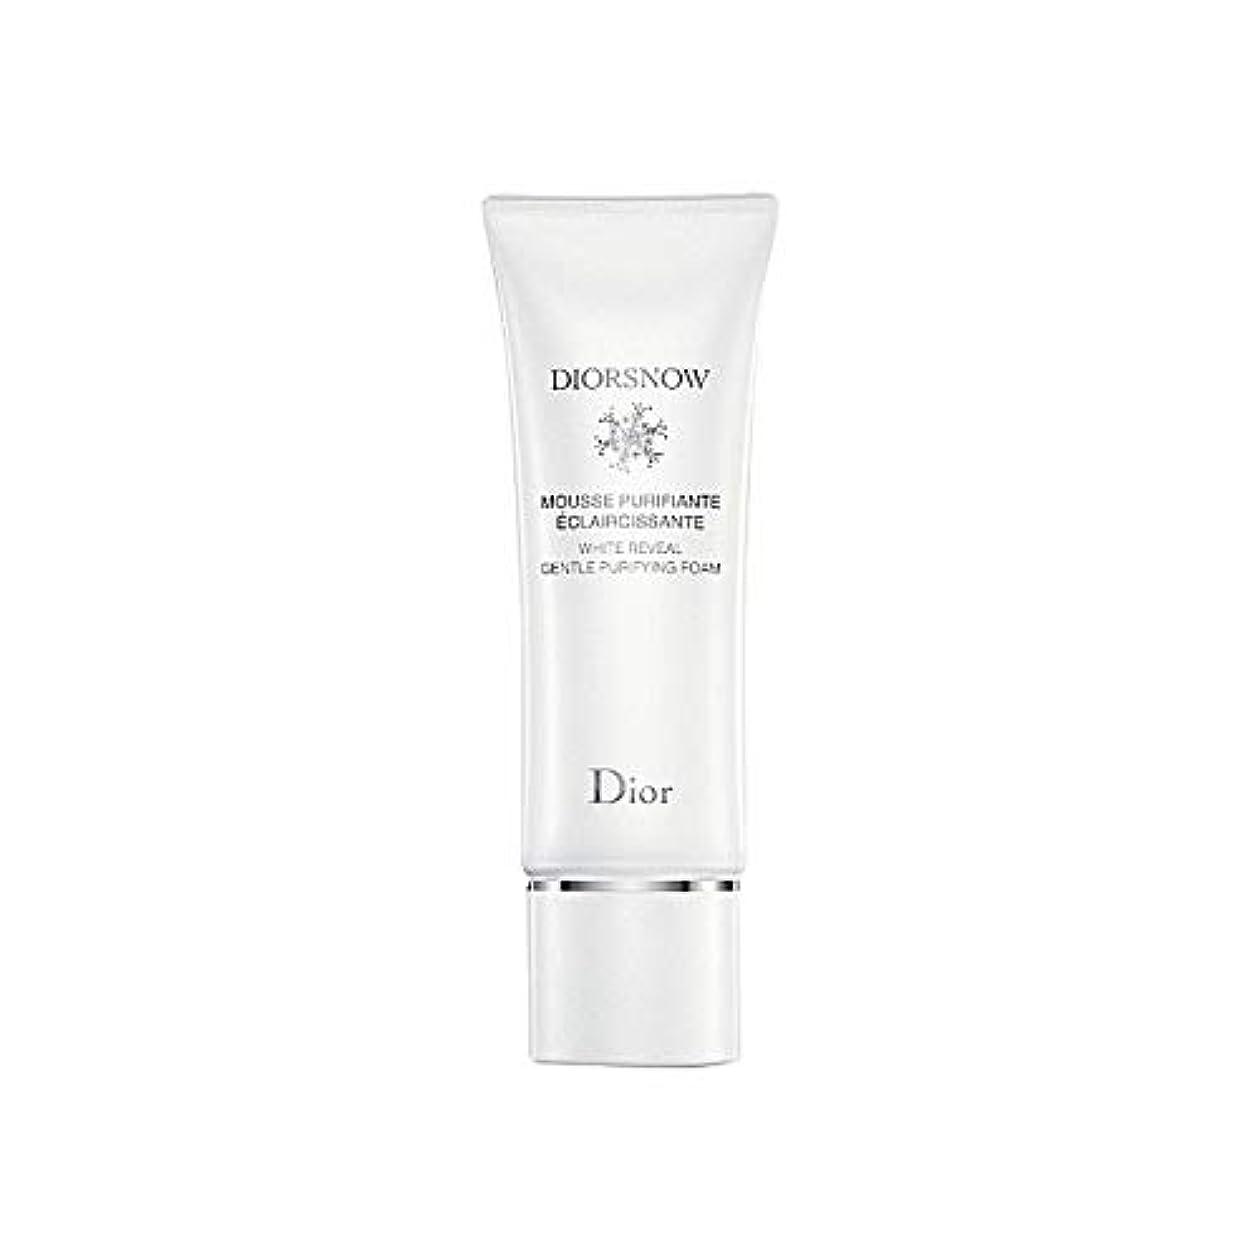 鳴らす安息レモン[Dior] ディオールディオールスノー浄化フォーム - Dior Diorsnow Purifying Foam [並行輸入品]